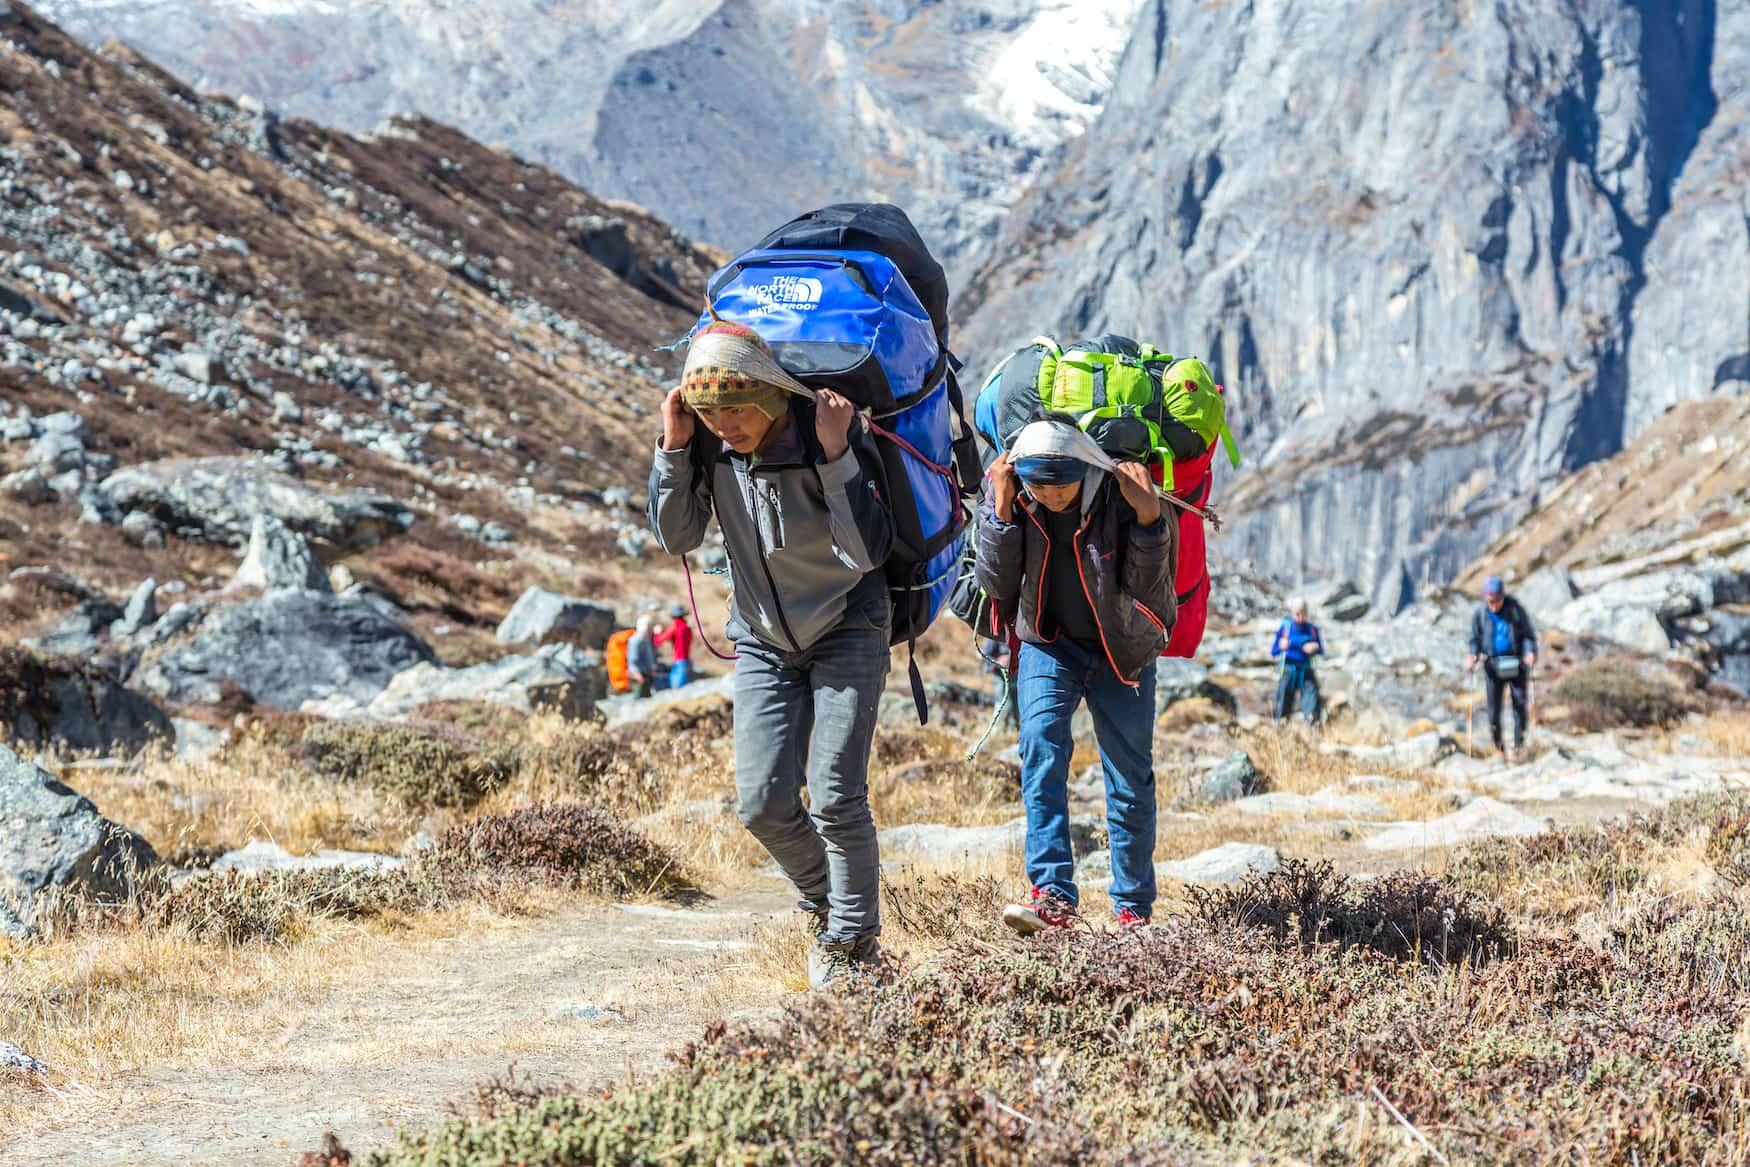 Die Träger schleppen jegliches Gepäck auf den Wanderungen durch die Gebirge in Nepal